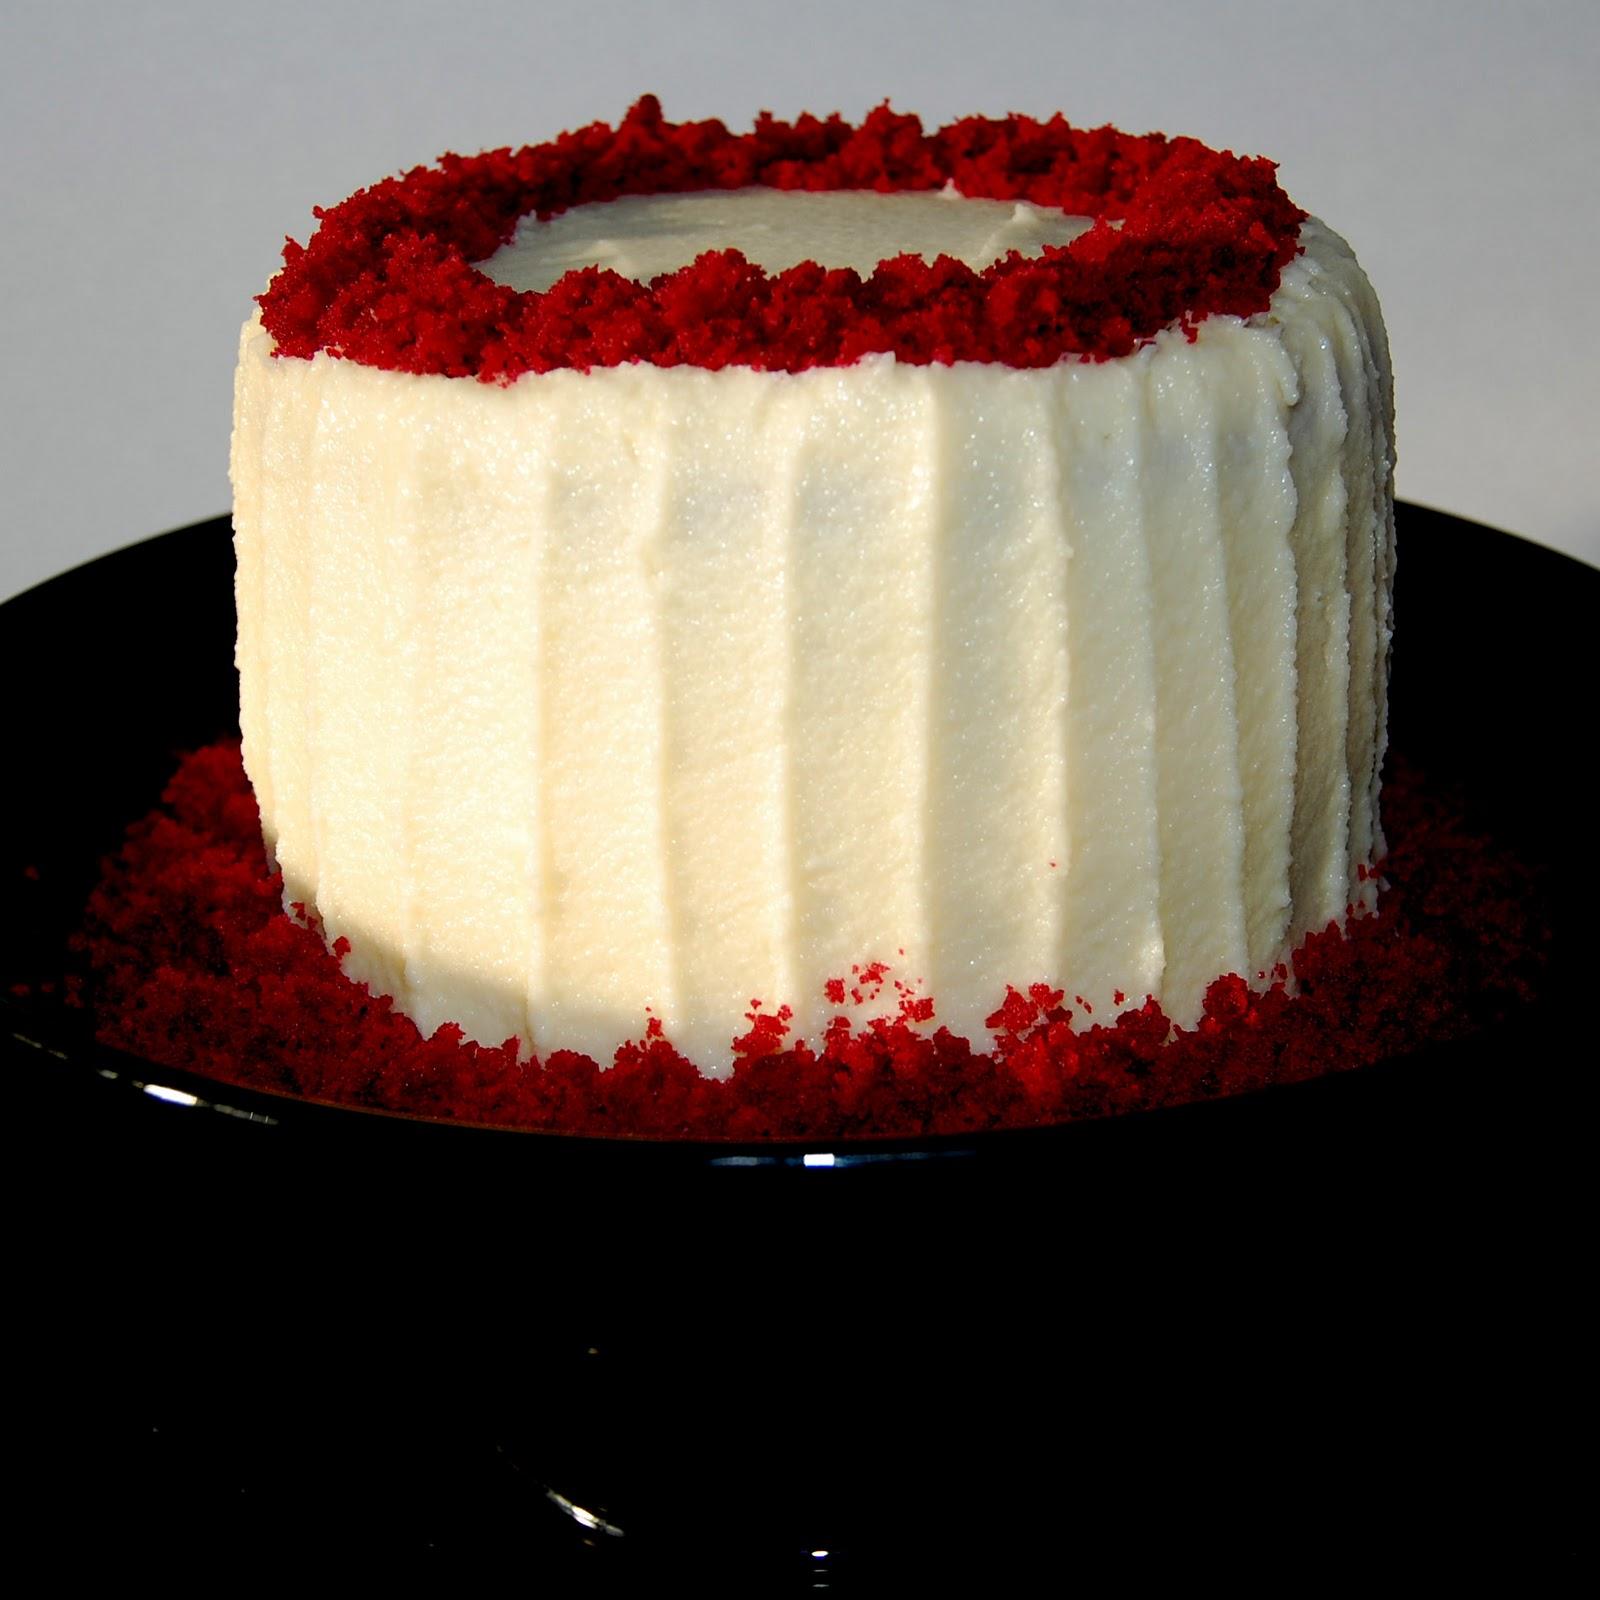 Red Velvet Cake White Chocolate Cheesecake Layer Cake